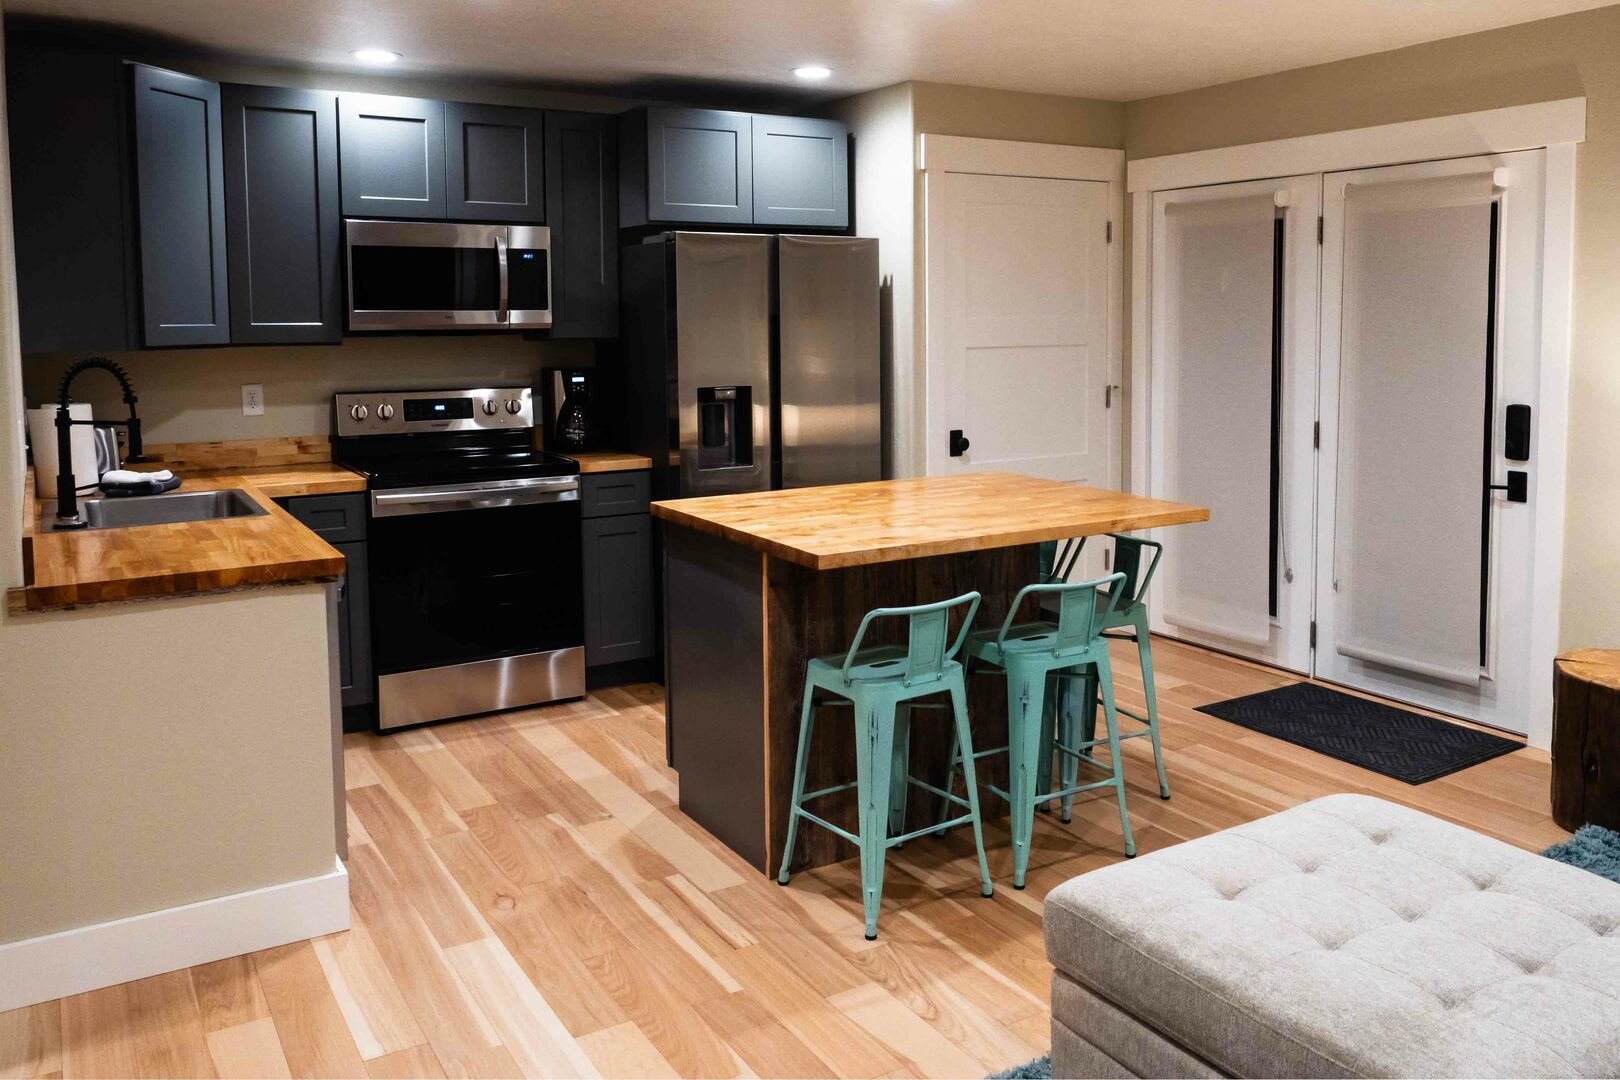 Quaint kitchen/living area